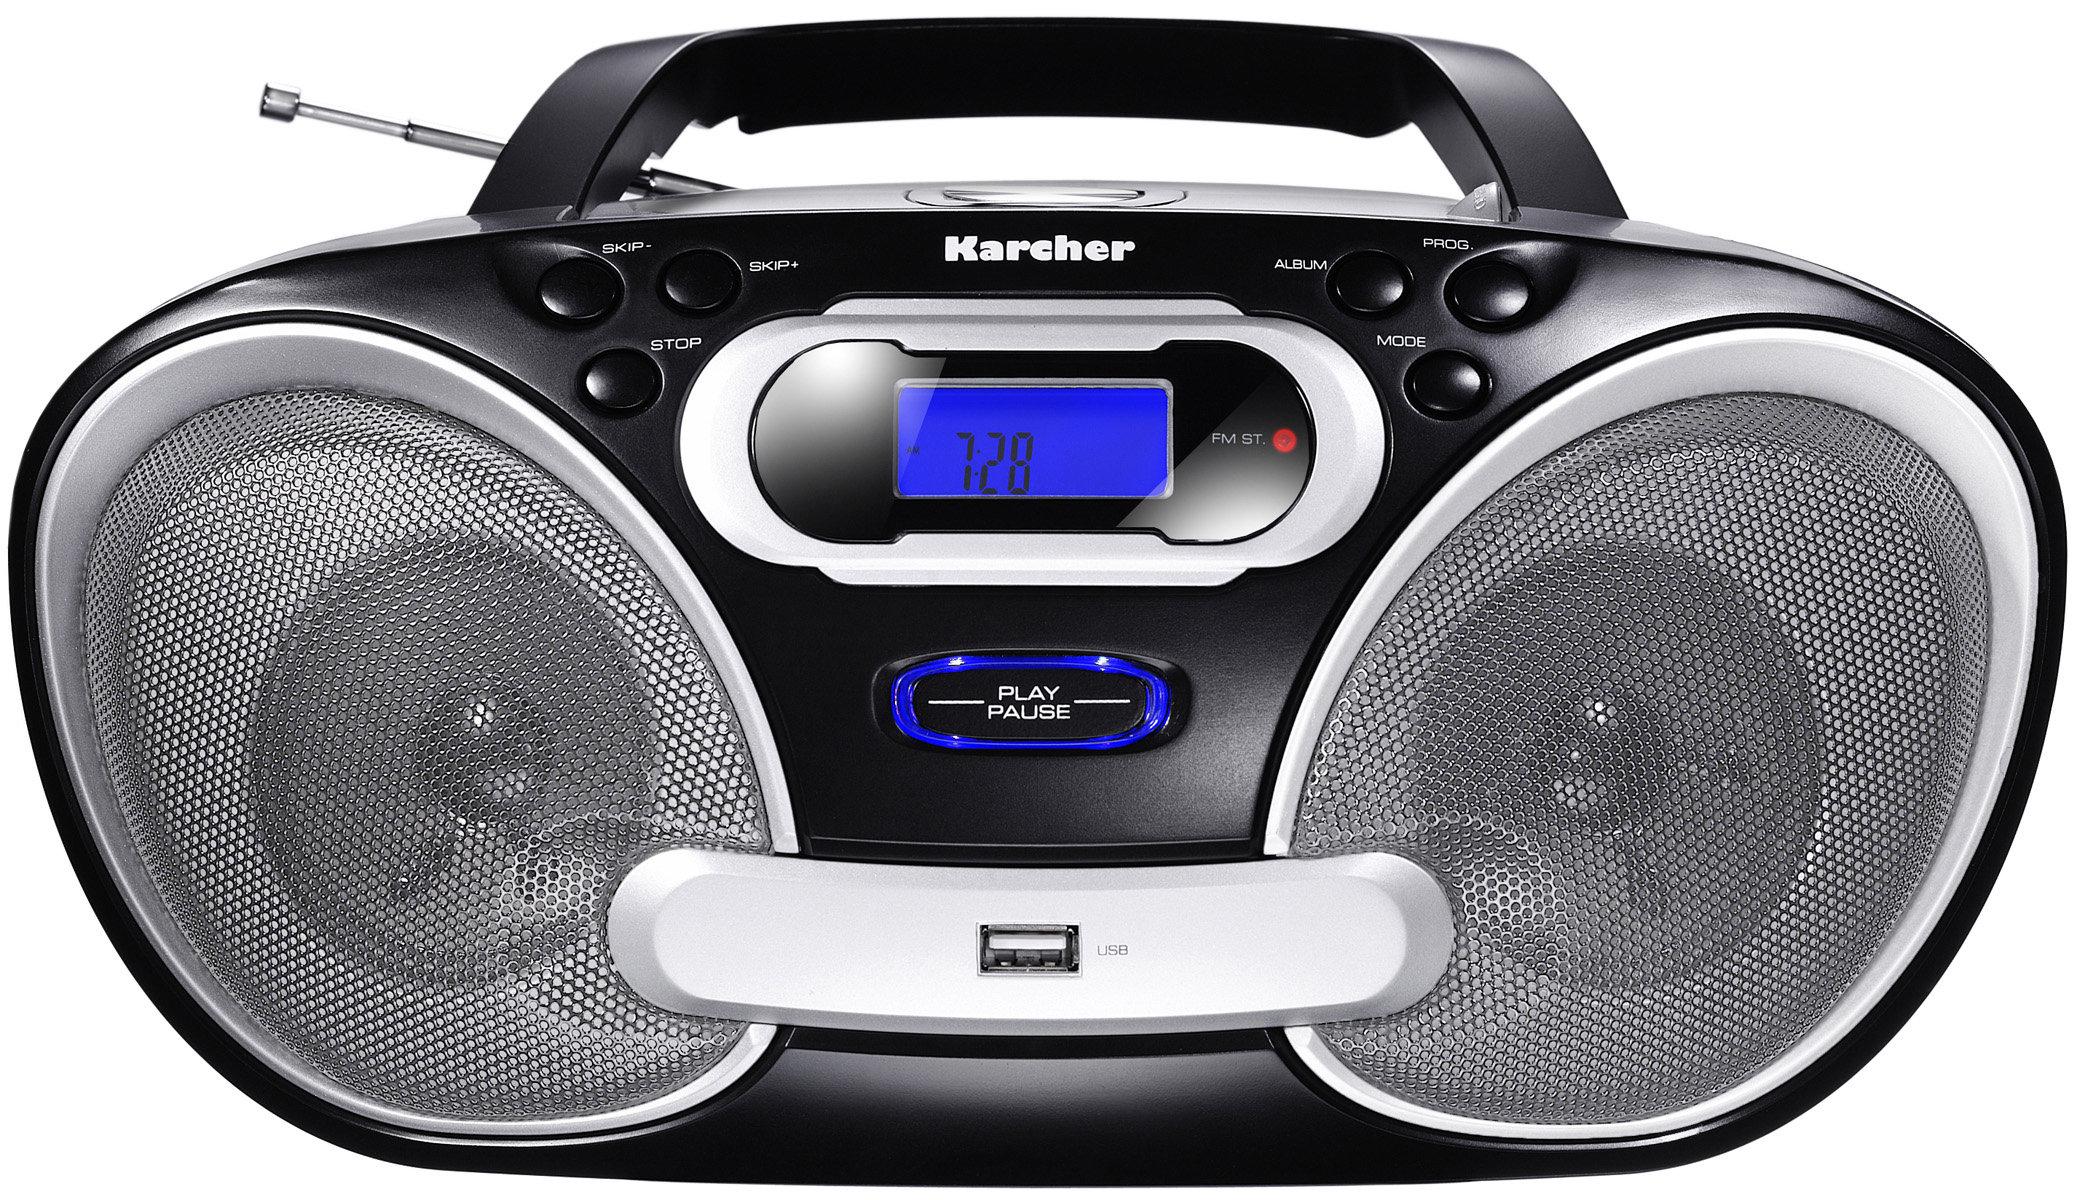 karcher rr5050 stereo portatile con radio fm cd mp3 usb 2 0 50 watt pmpo colore nero. Black Bedroom Furniture Sets. Home Design Ideas